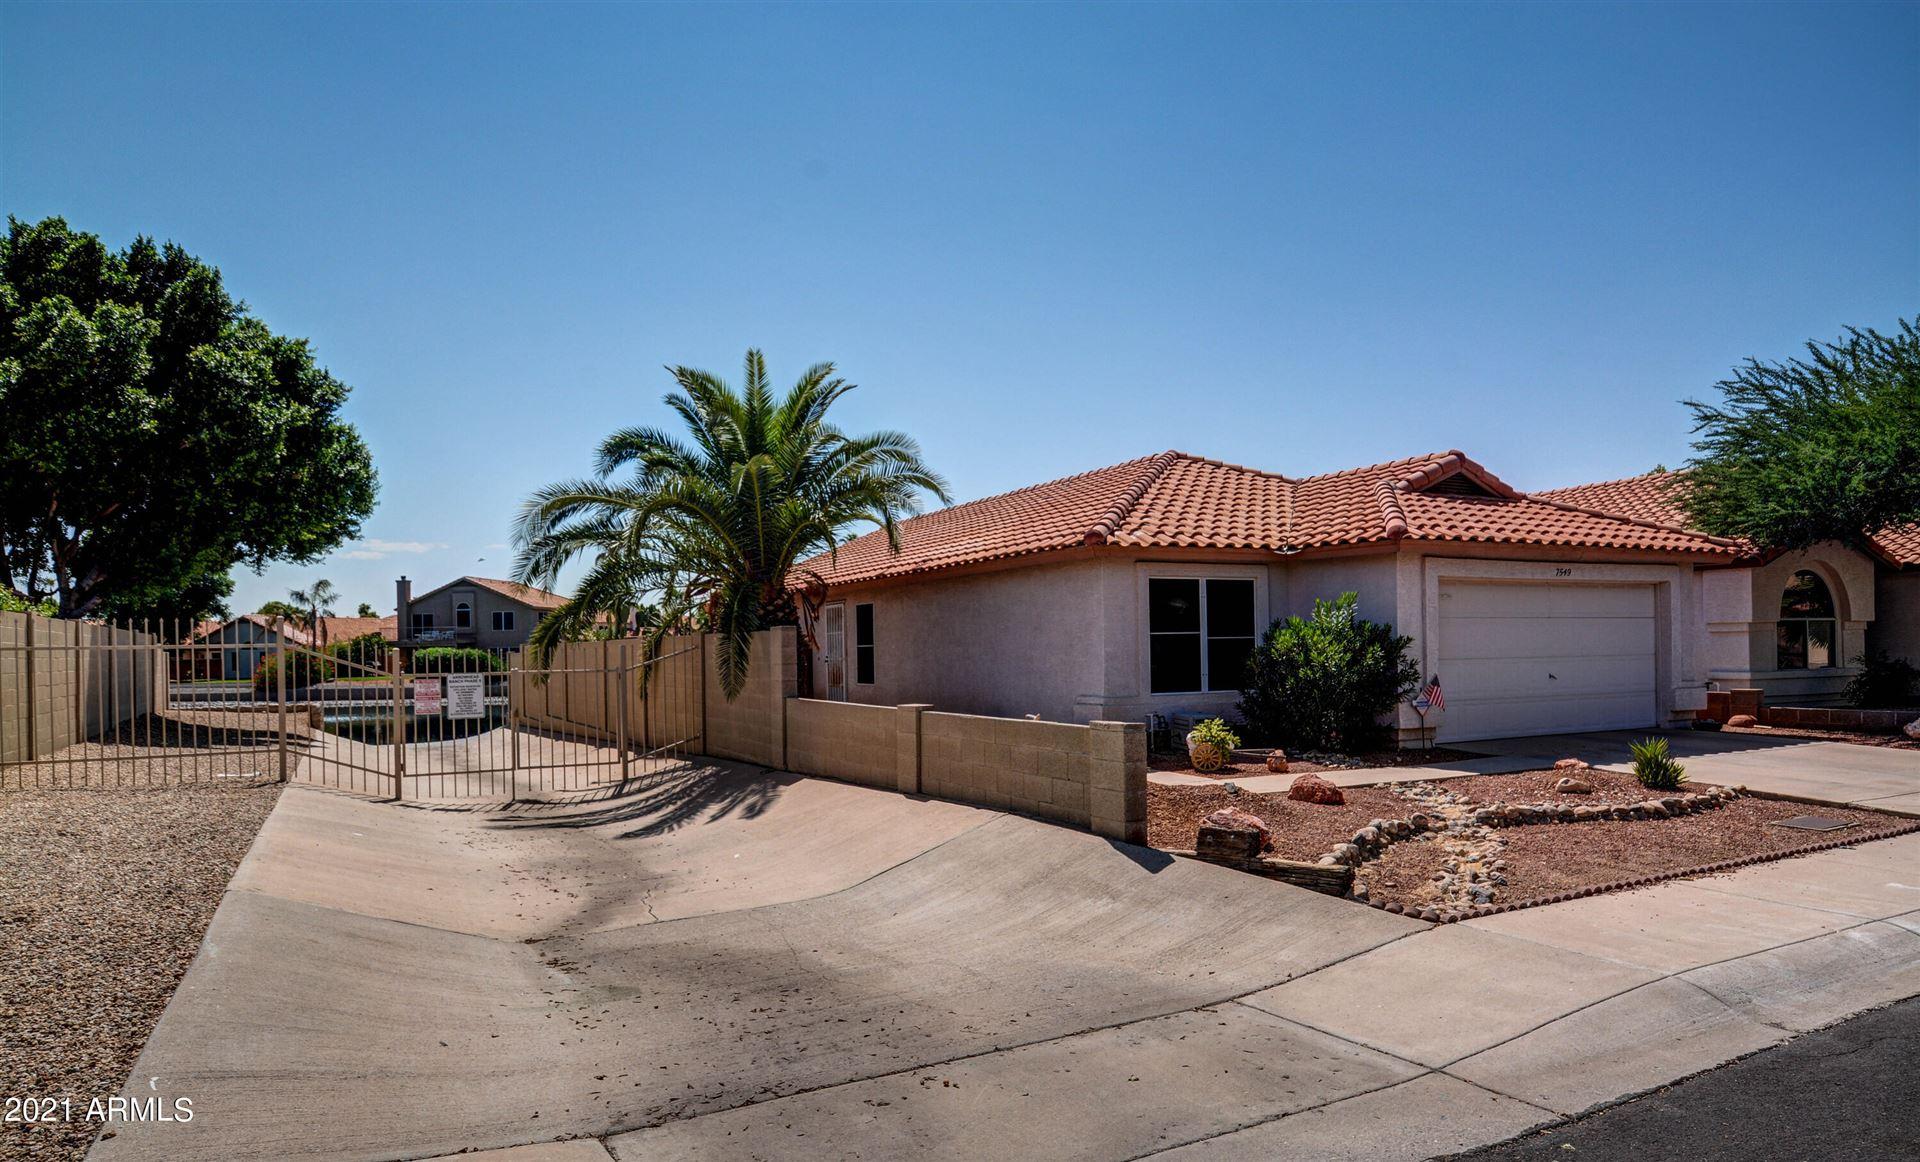 Photo of 7549 W KERRY Lane, Glendale, AZ 85308 (MLS # 6296745)